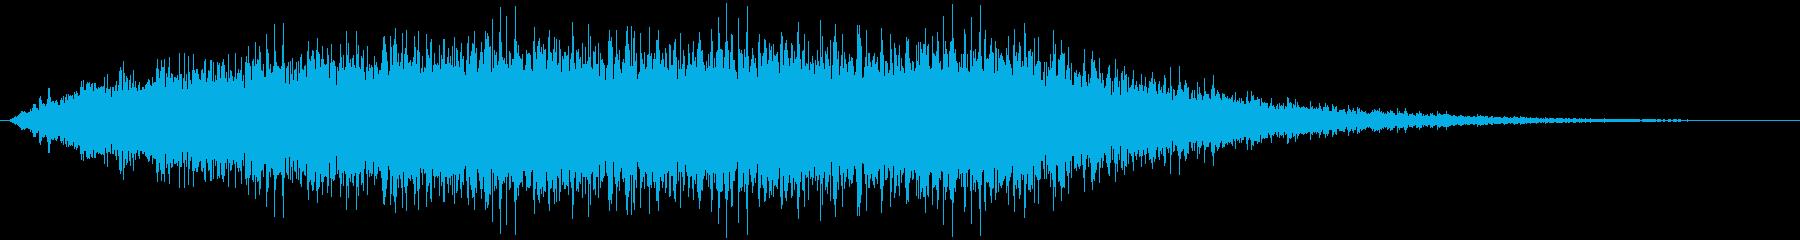 パチパチと拍手が鳴る音ですの再生済みの波形